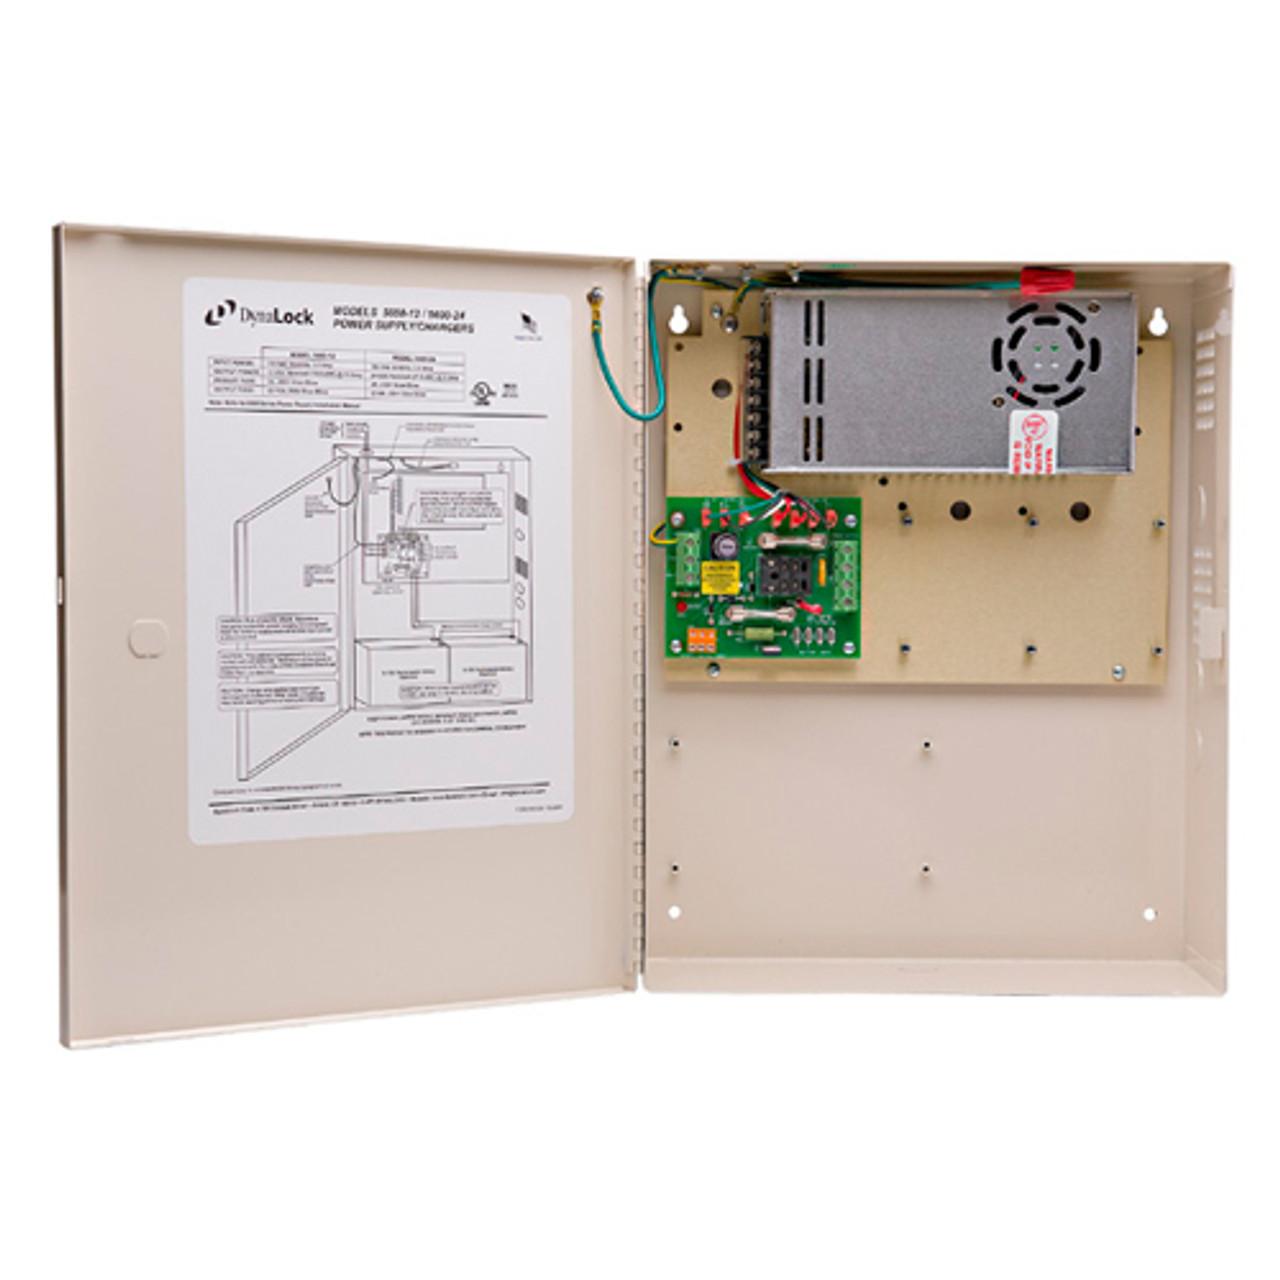 5600 12 ilb dynalock multi zone heavy duty 12 vdc power supply with interlock logic board lock depot inc [ 1280 x 1280 Pixel ]